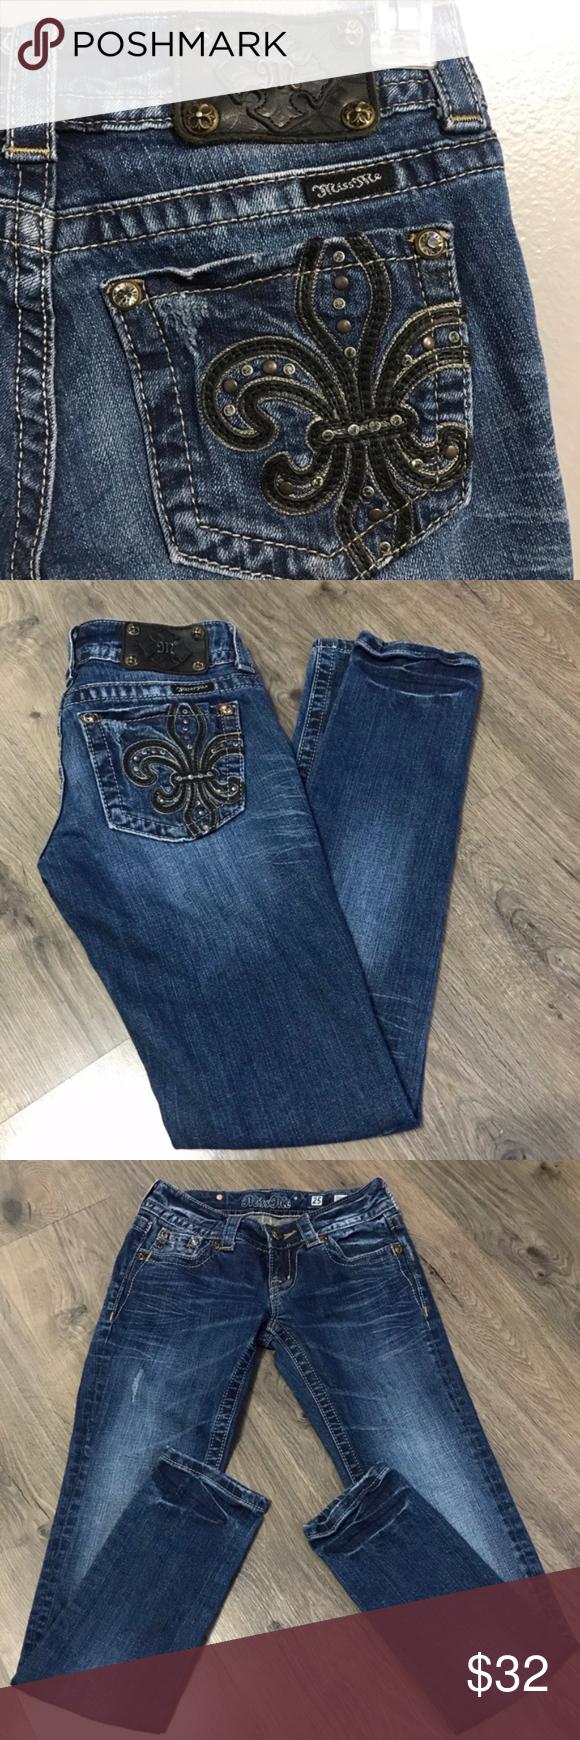 NWT Size 27 Miss Me Jeans Skinny Cut Leg JP5145S4